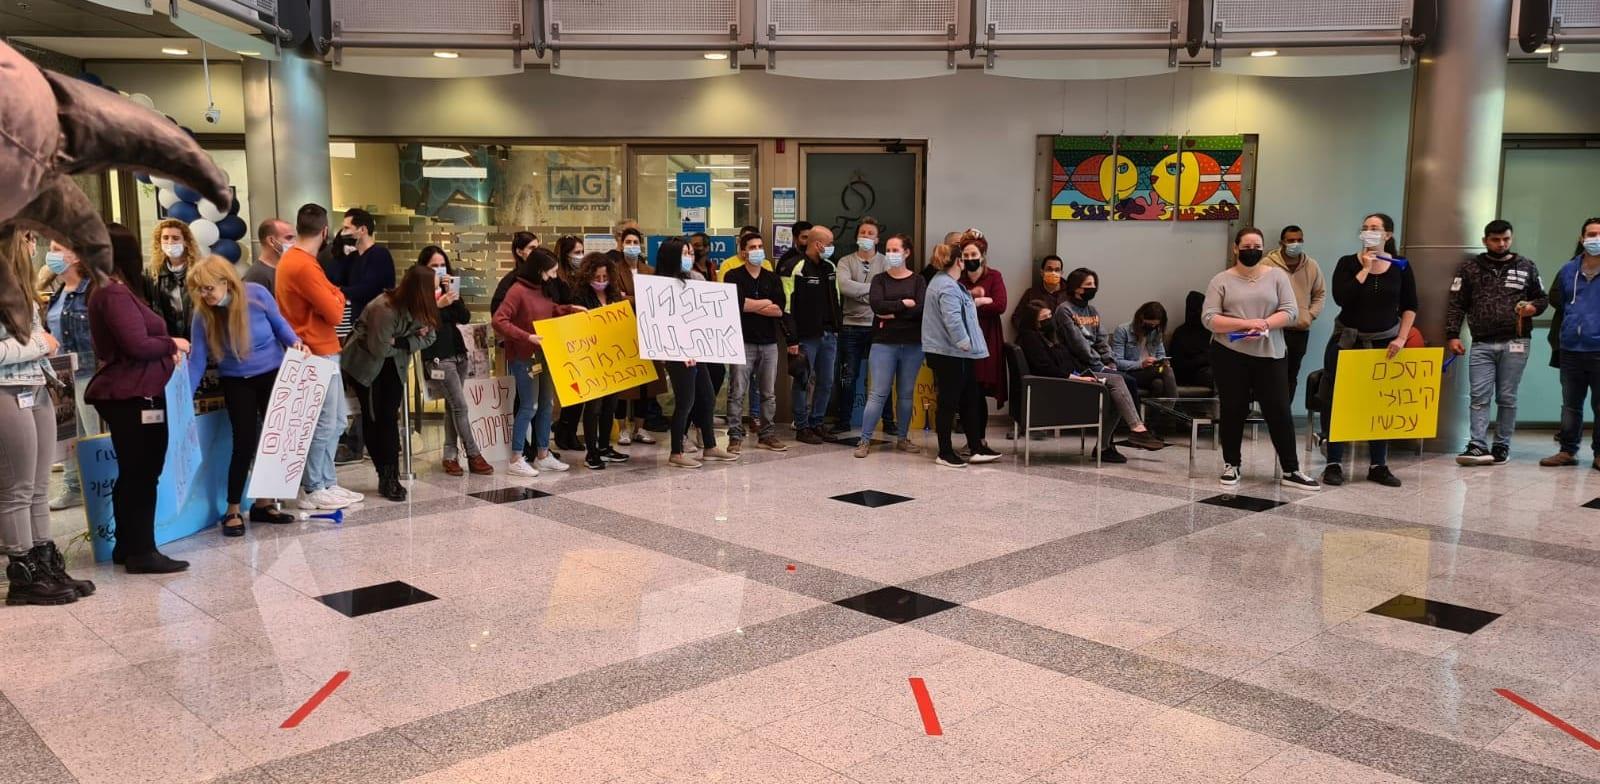 עובדי זאפ נוקטים צעדים ארגוניים על רקע מכירת החברה / צילום: אגף הדוברות בהסתדרות